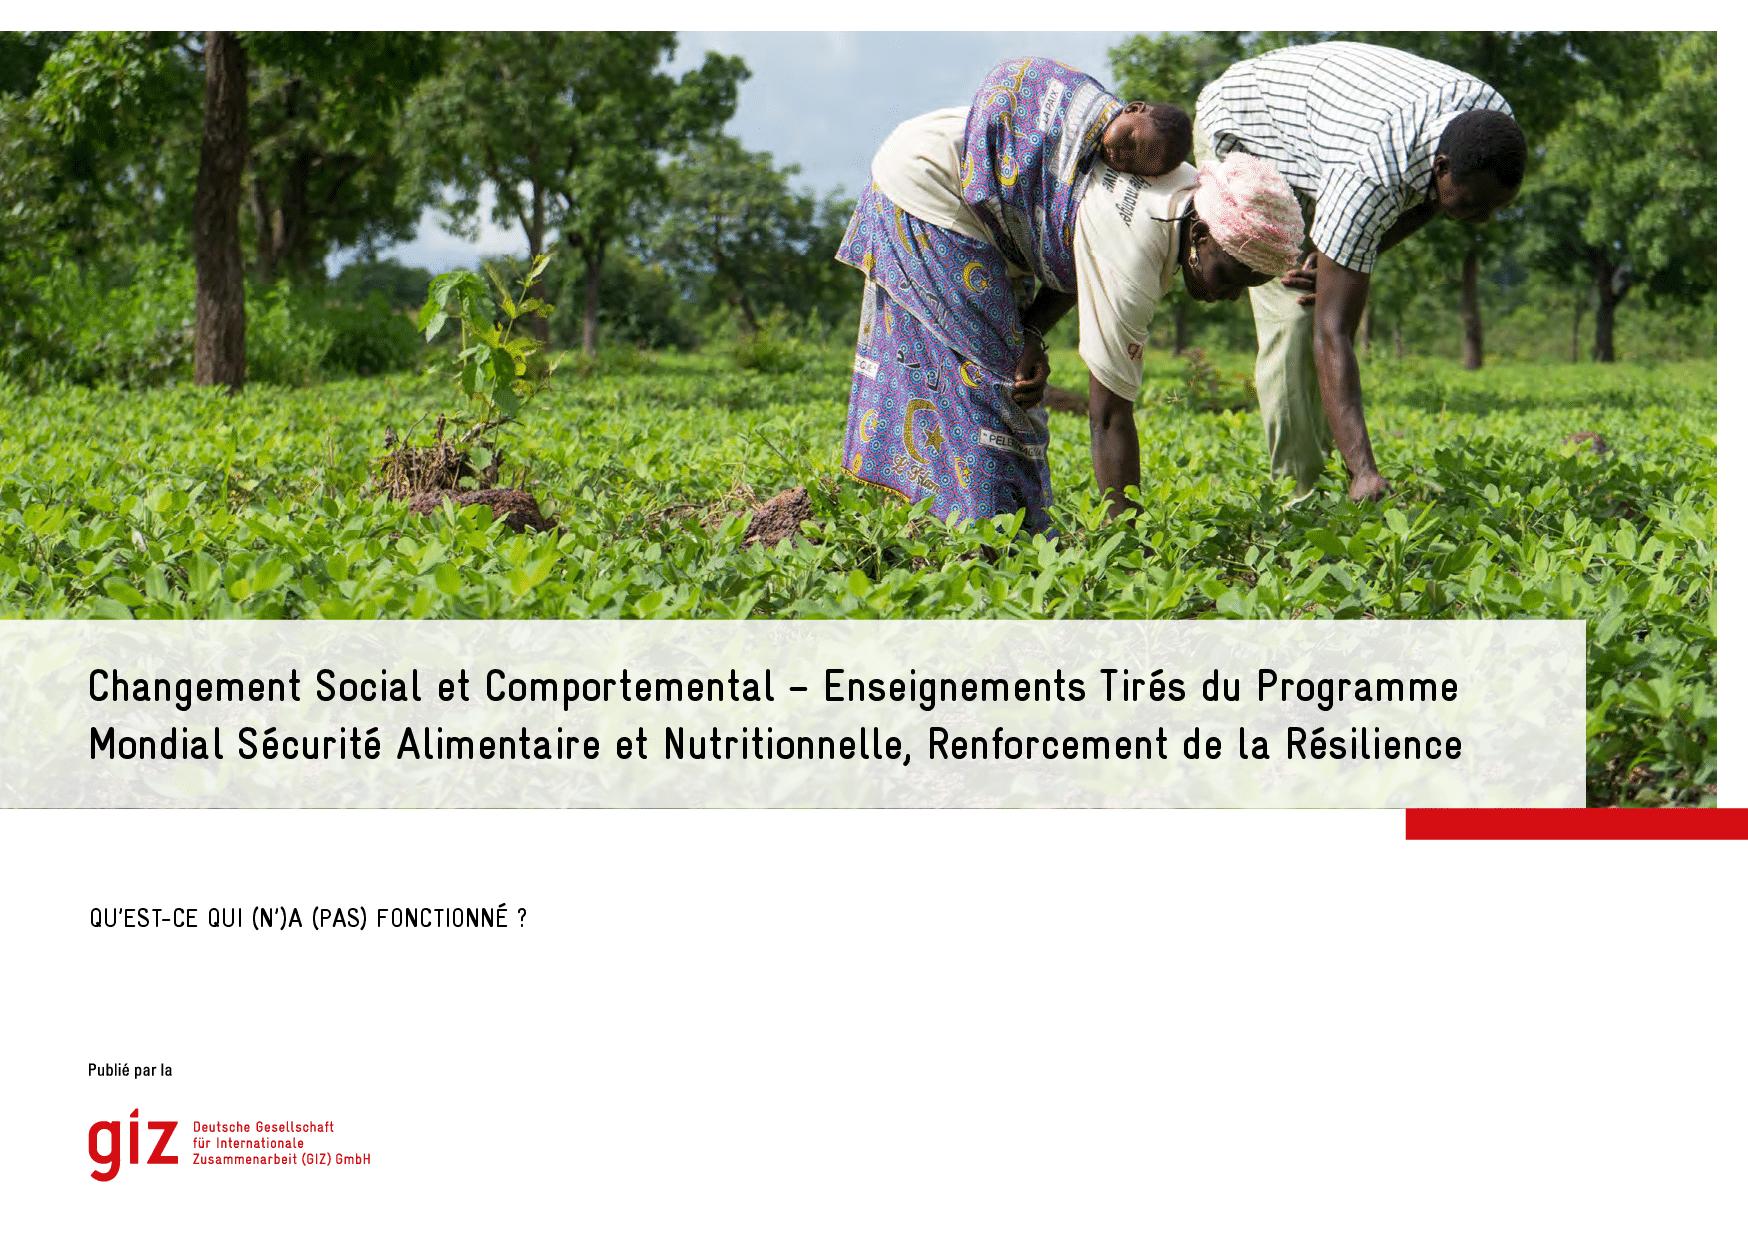 Changement Social et Comportemental – Enseignements Tirés du Programme Mondial Sécurité Alimentaire et Nutritionnelle, Renforcement de la Résilience